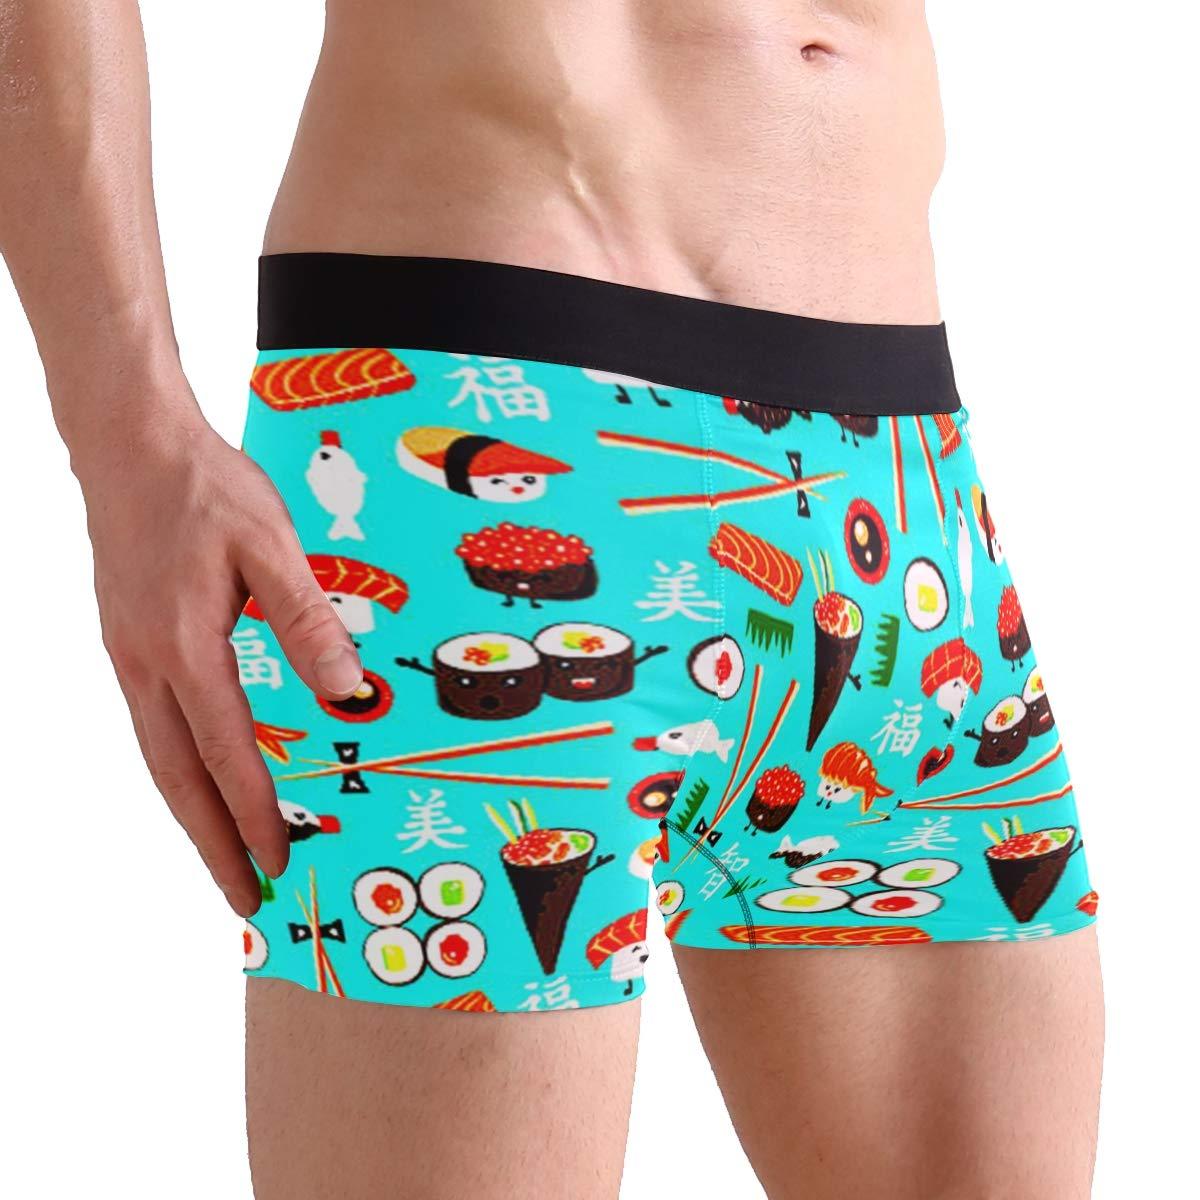 CATSDER Happy Sushi Boxer Briefs Mens Underwear Pack Seamless Comfort Soft